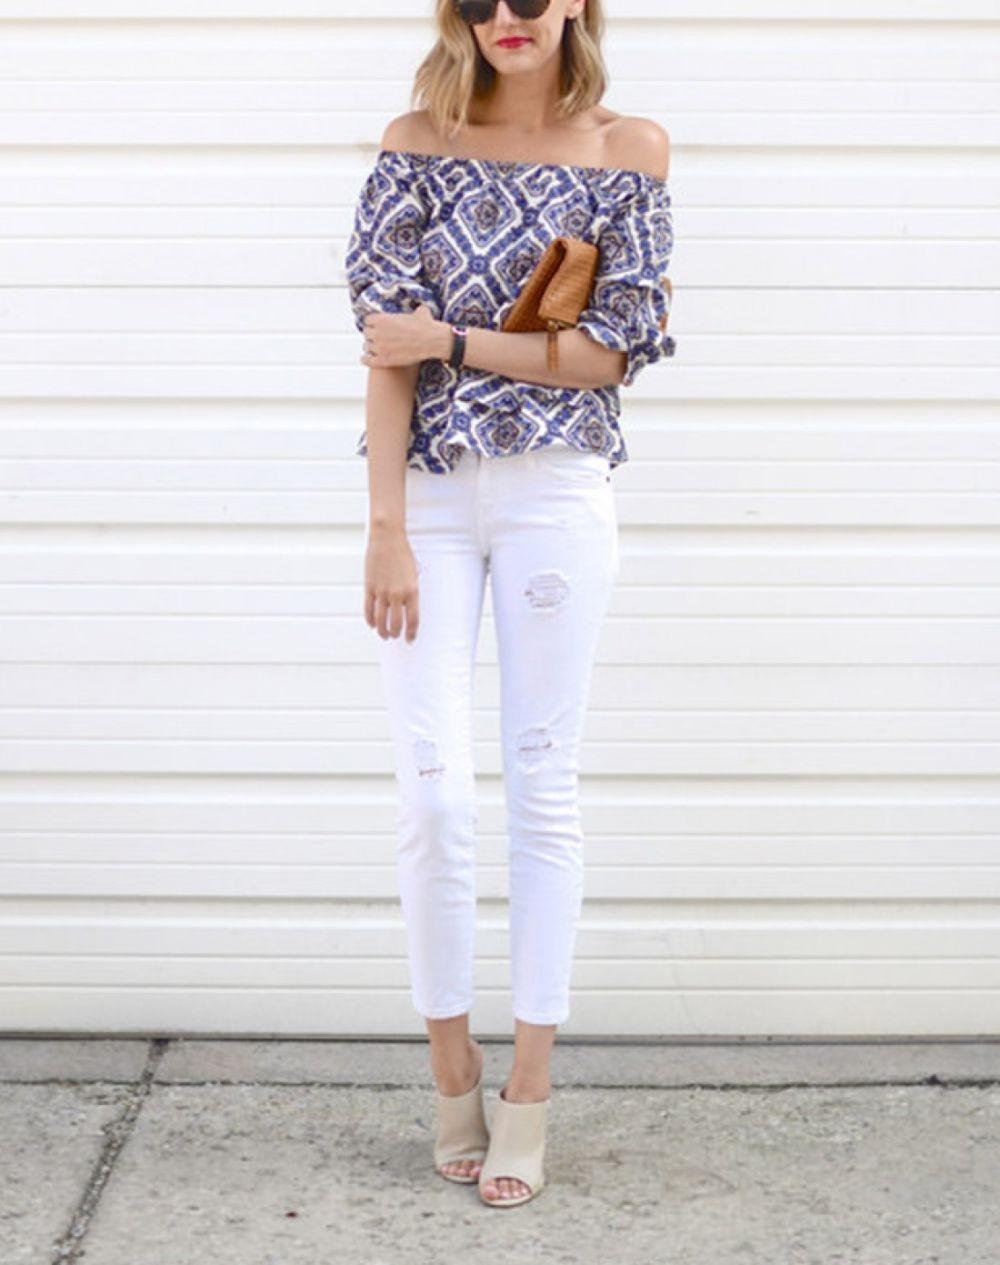 белые брюки с чем носить женские: джинсы под блузку яркую с открытыми плечами